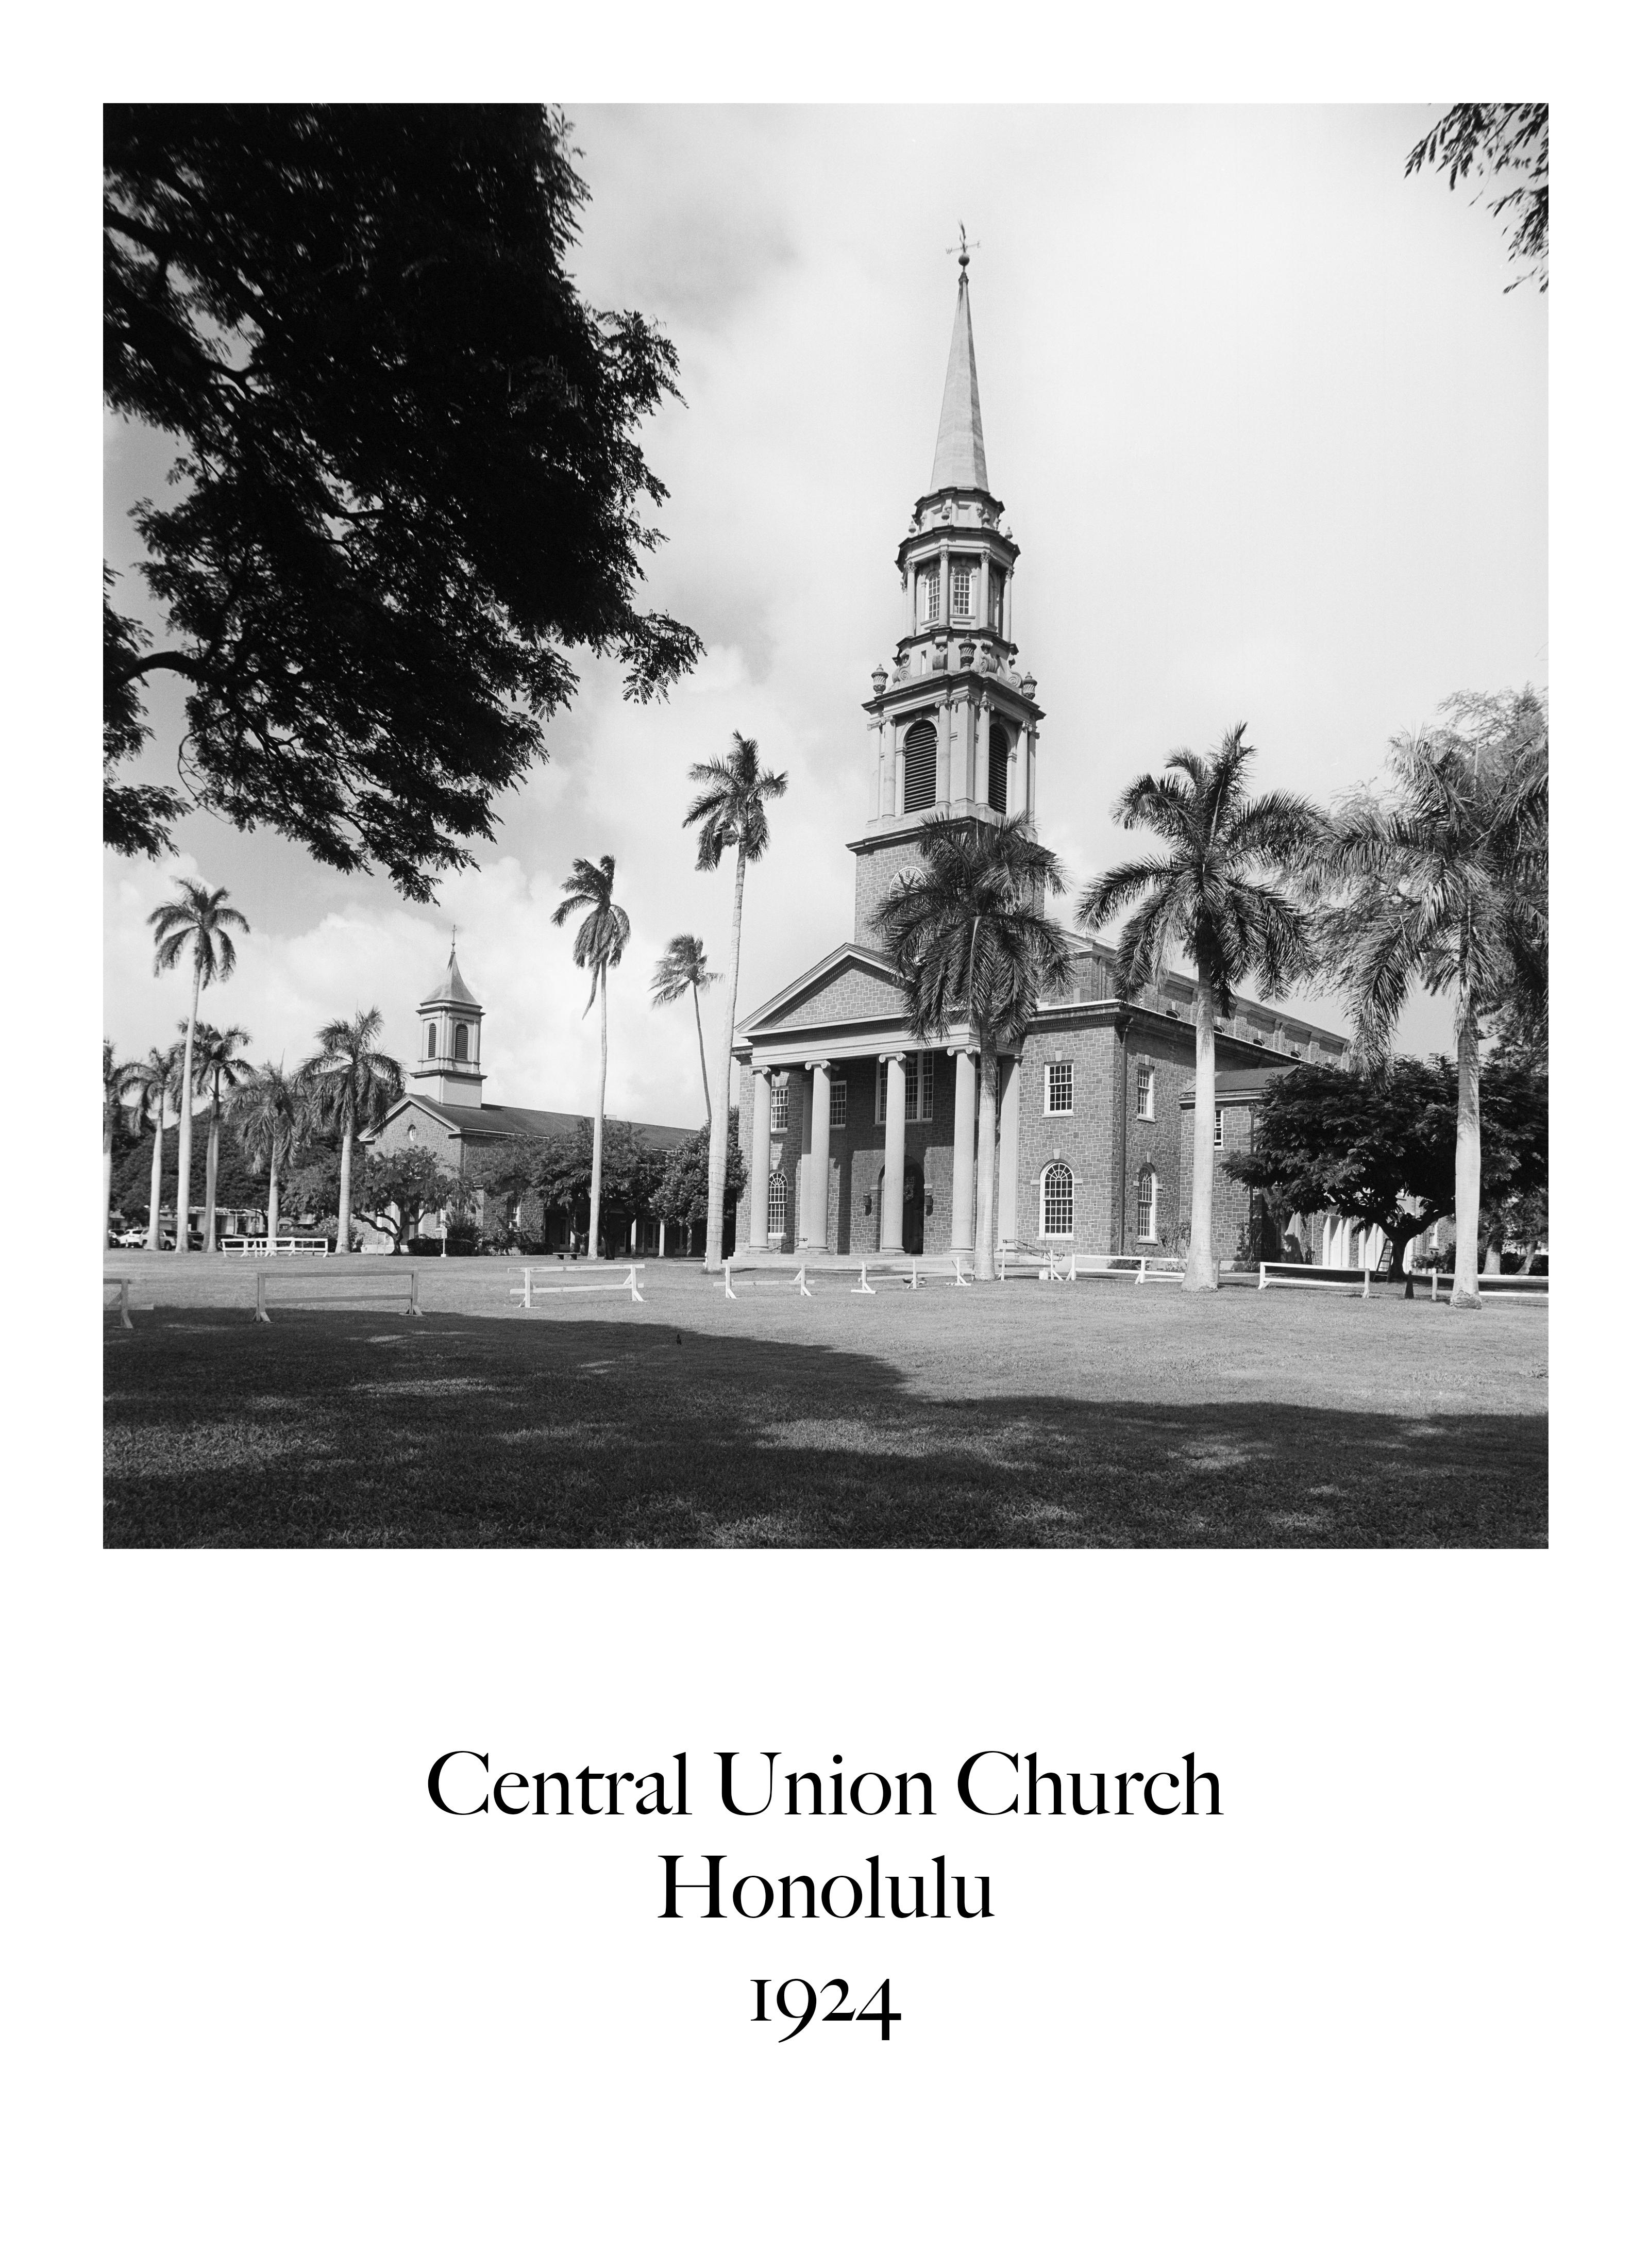 Central Union